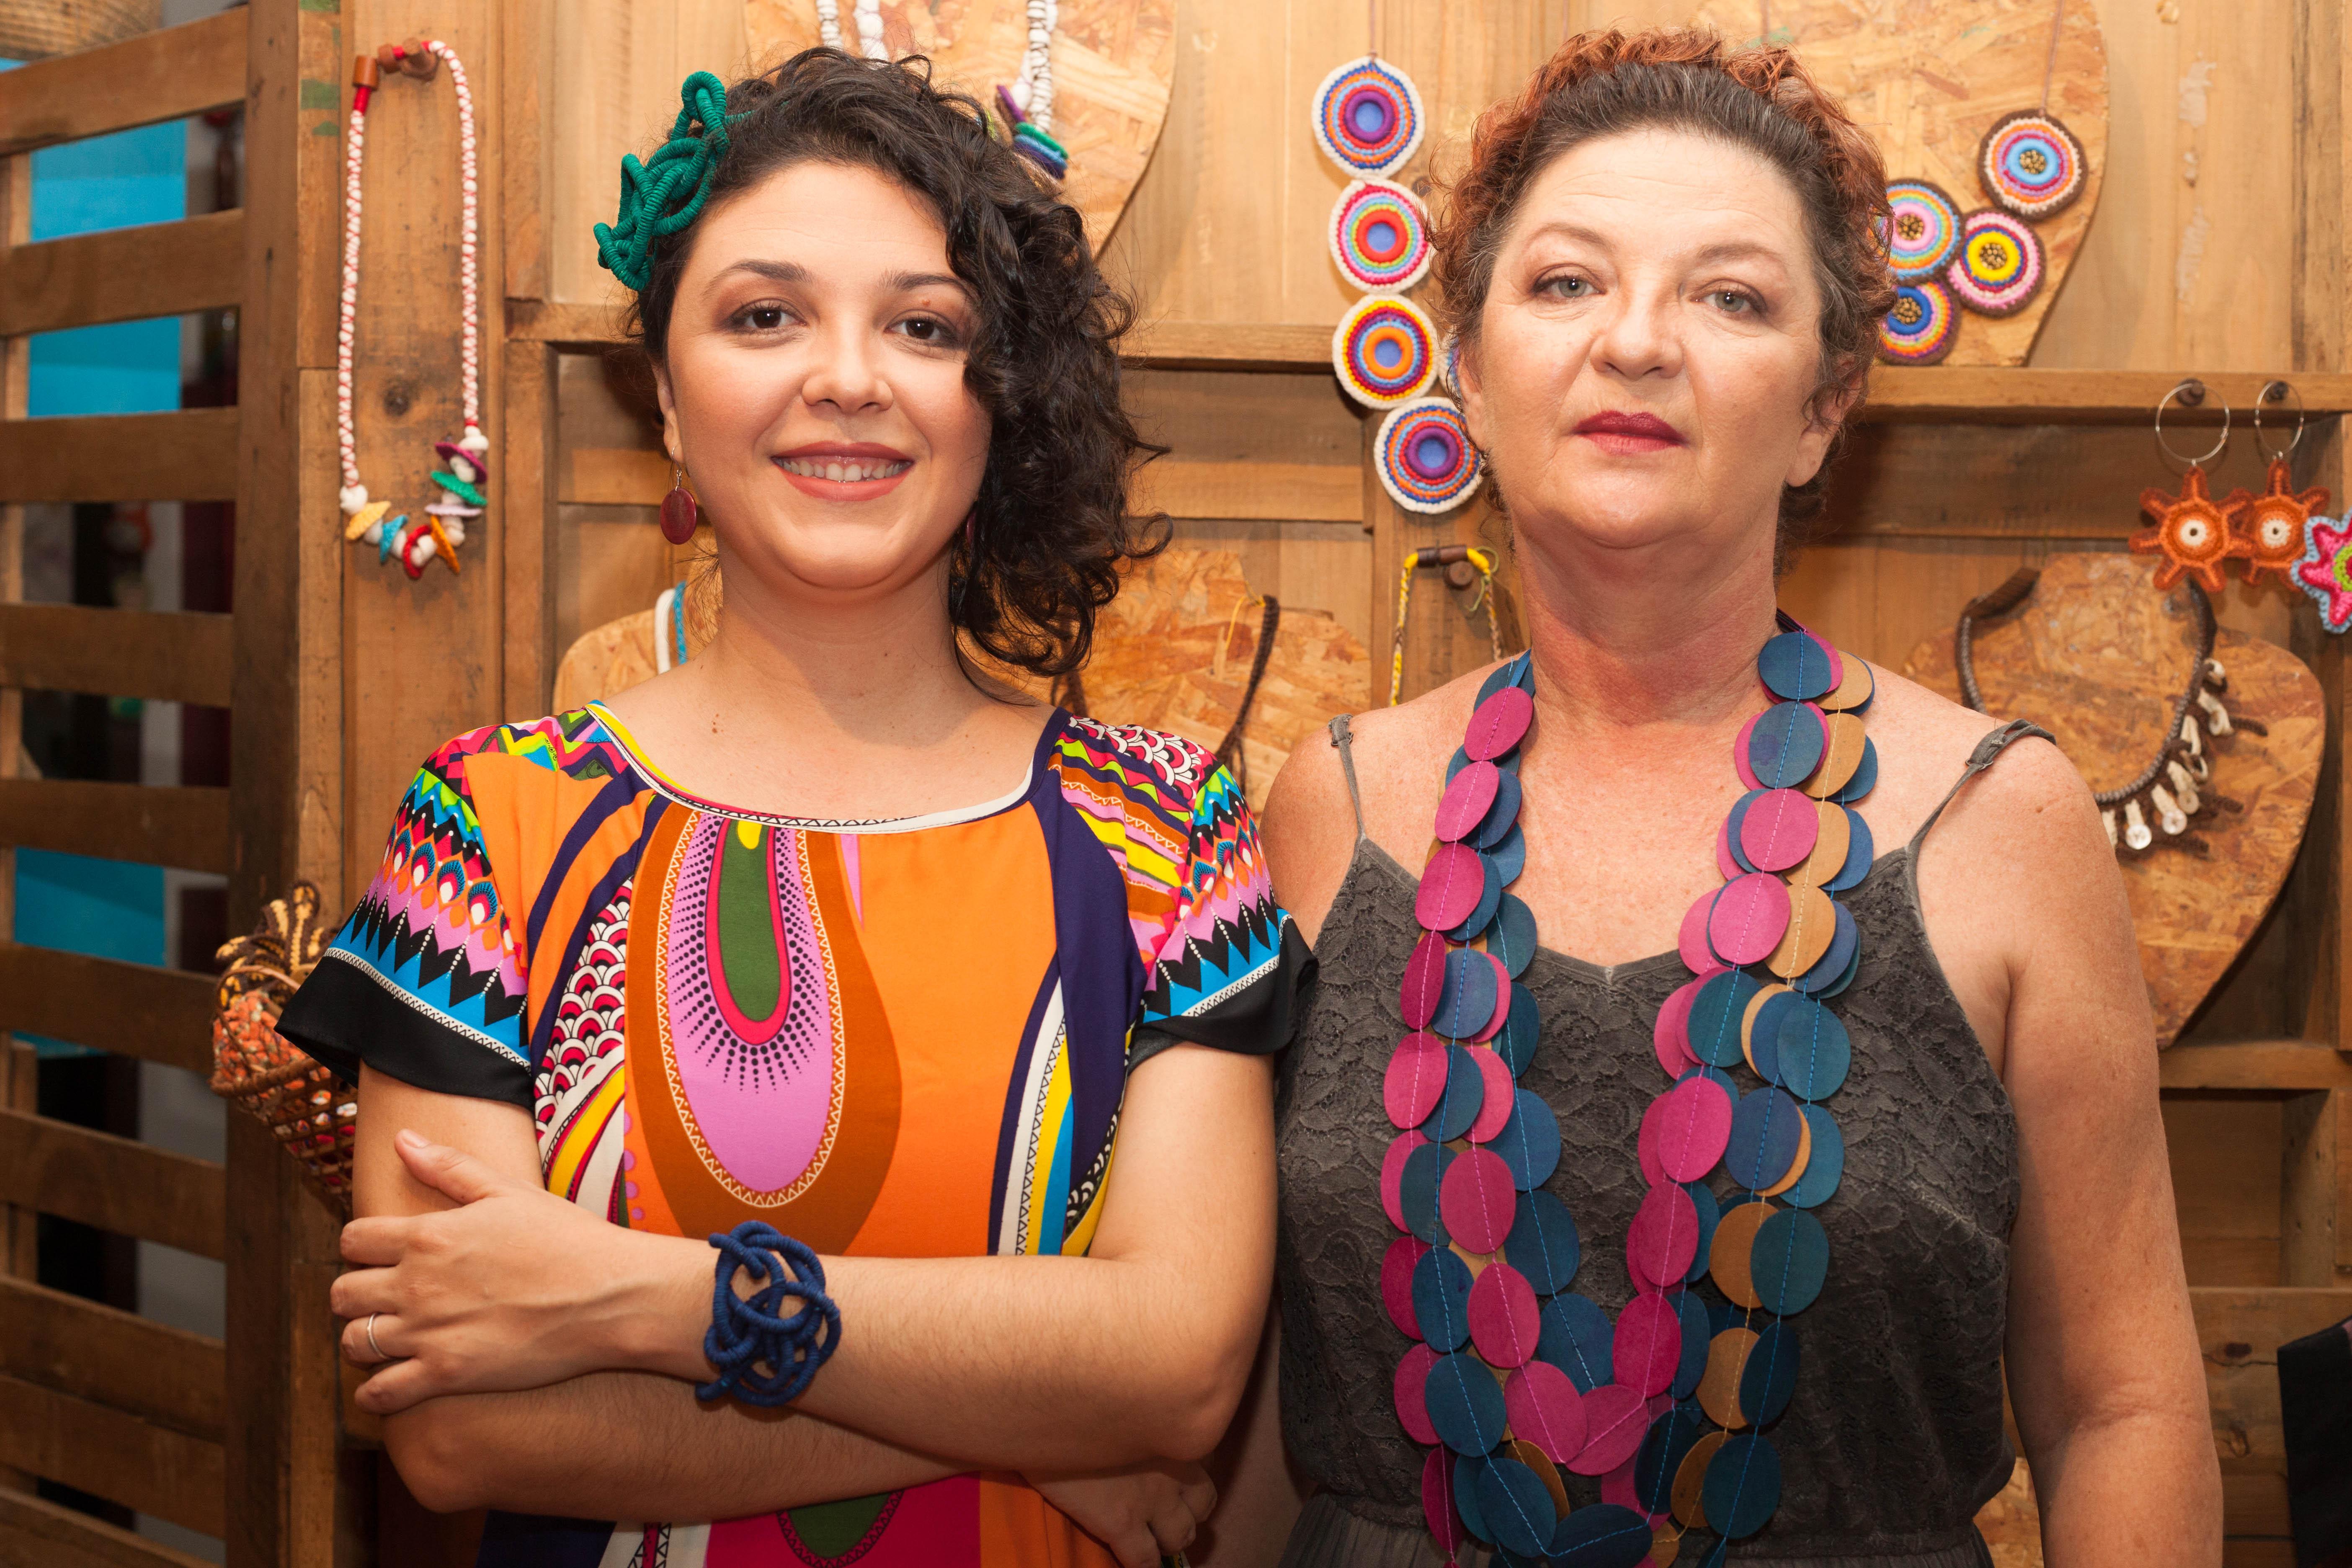 À direita, Tainah Fagundes, sócia-criativa, e à esquerda, a artesã fundadora da Da Tribu, Kátia Fagundes